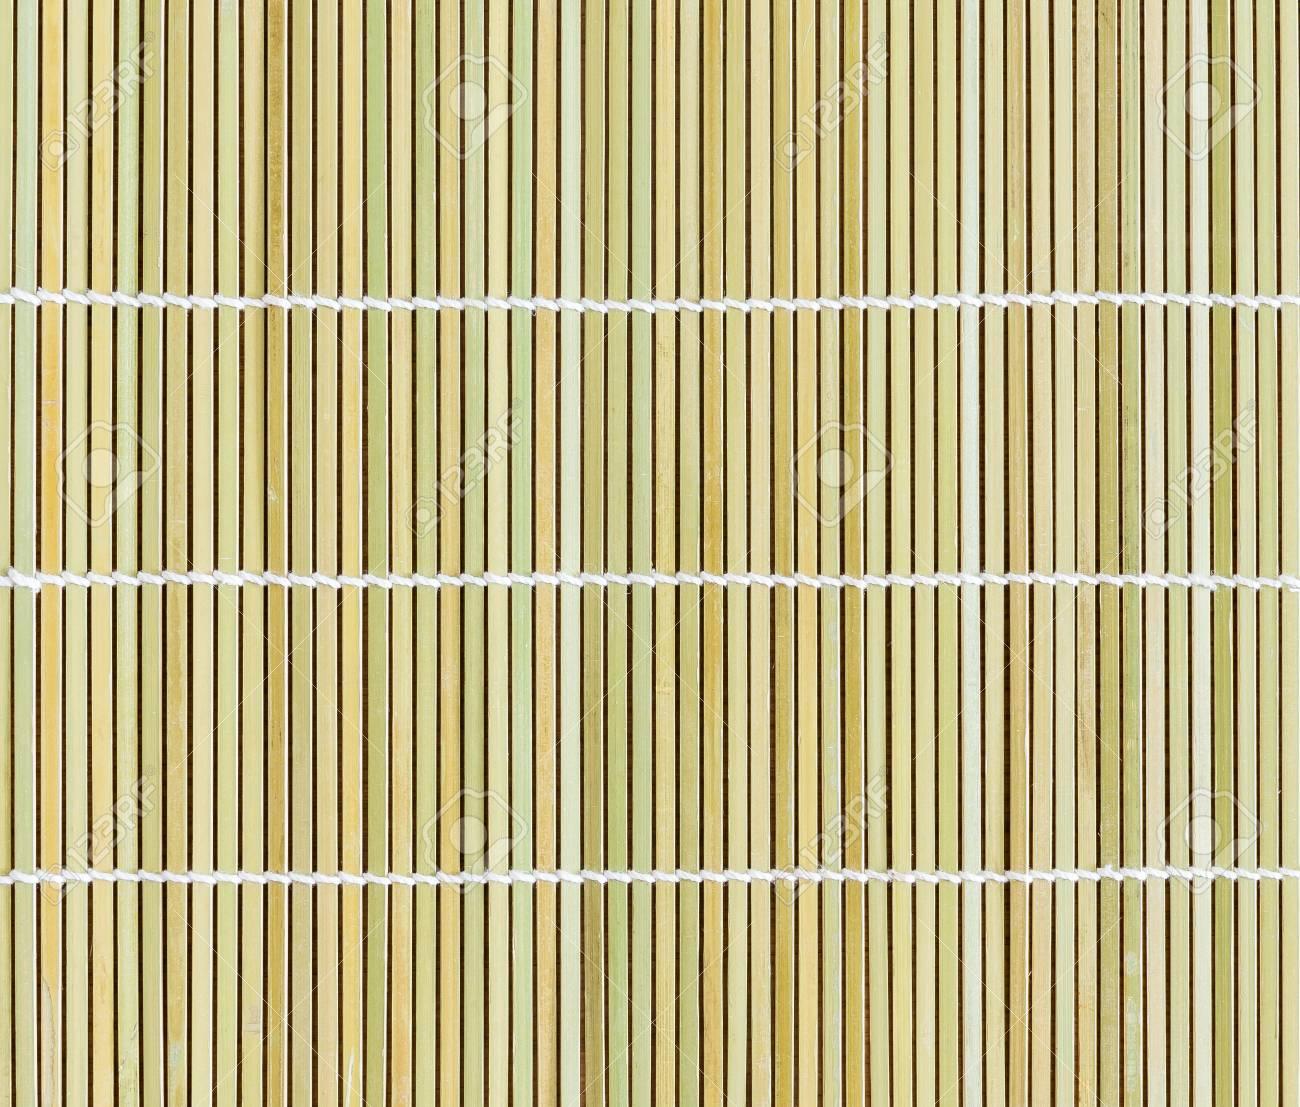 Bambus Tischset Stroh Holz Hintergrund Naturlichen Dekor Lizenzfreie